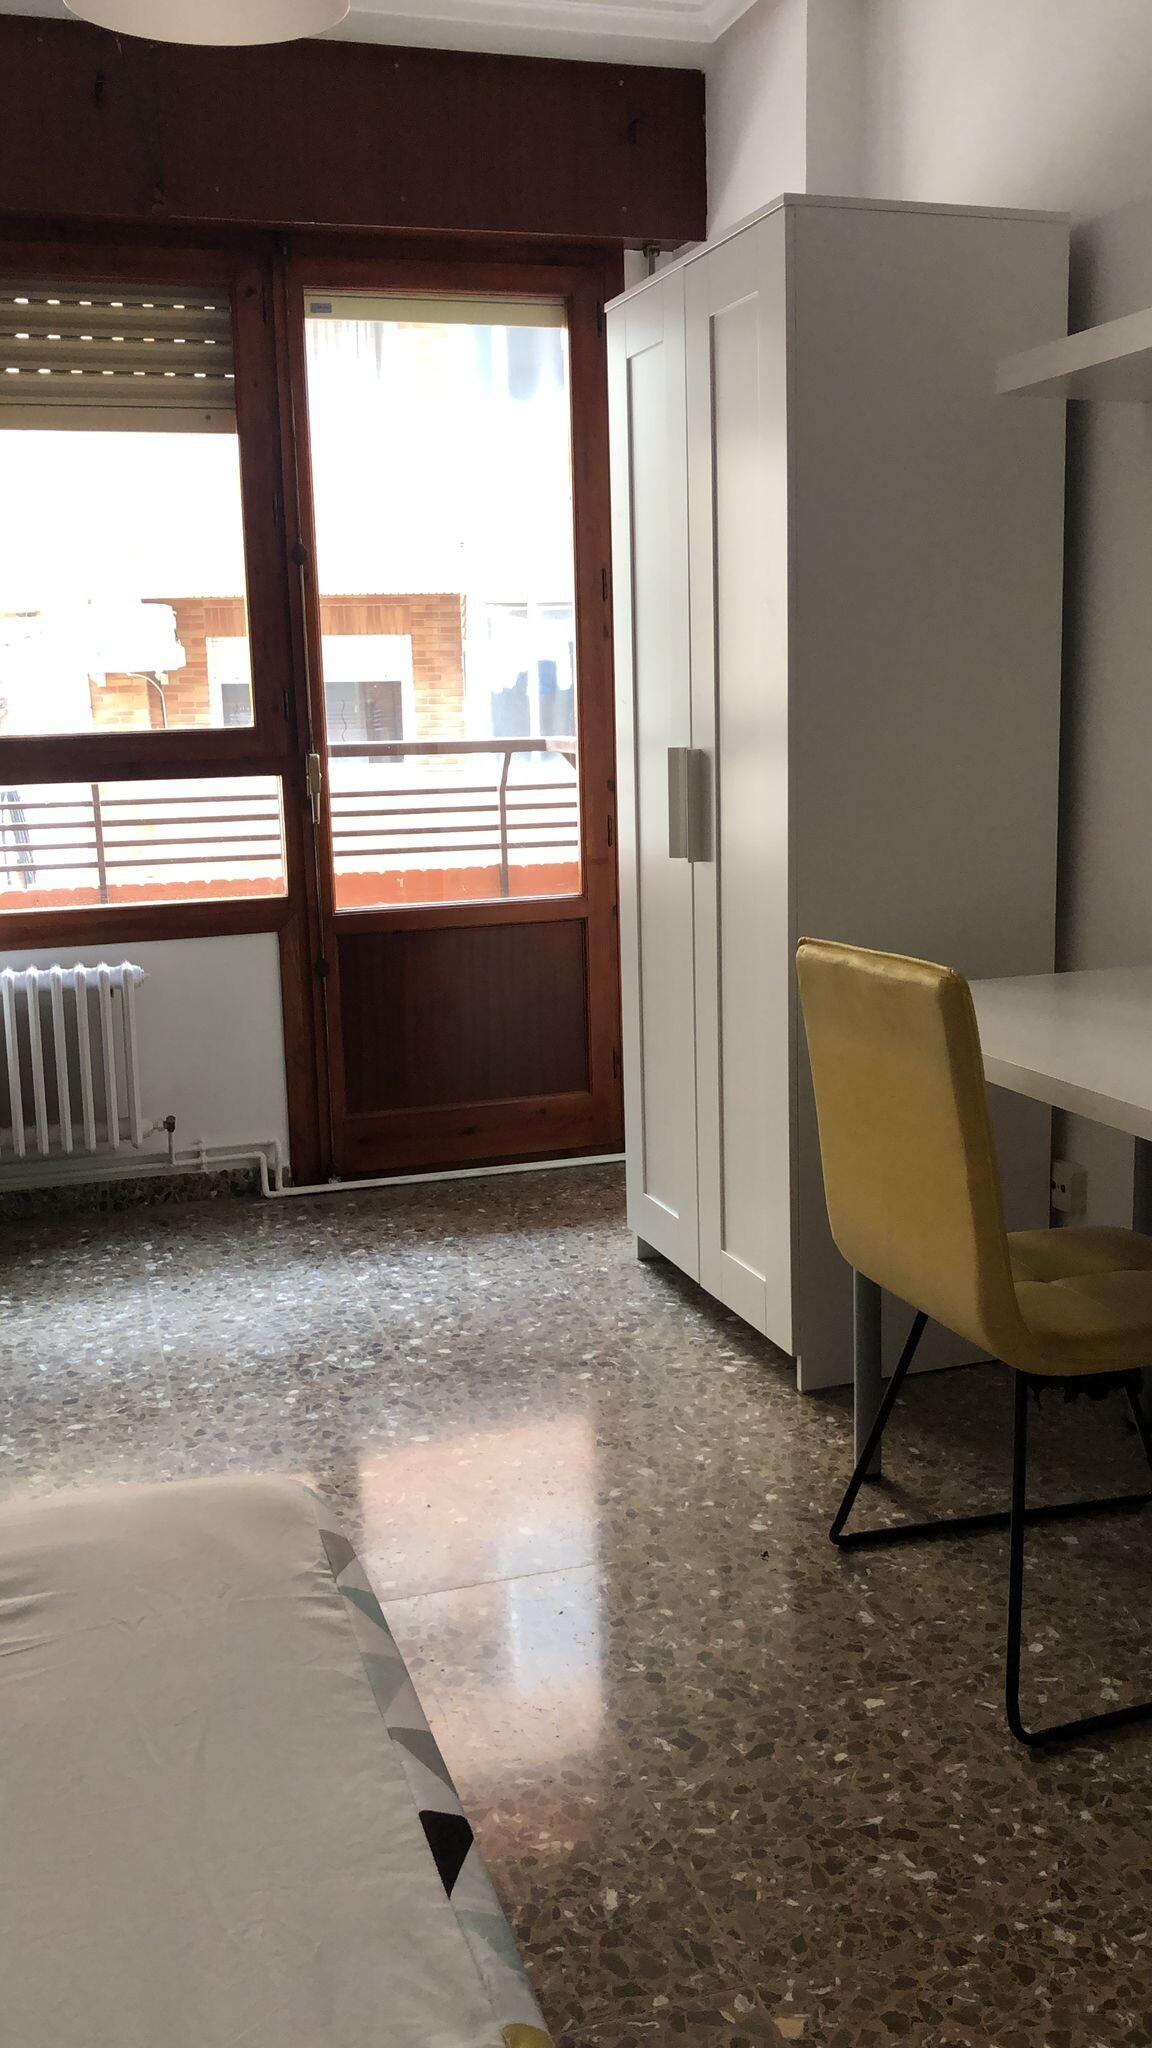 Amplia habitación en pleno centro de Albacete con